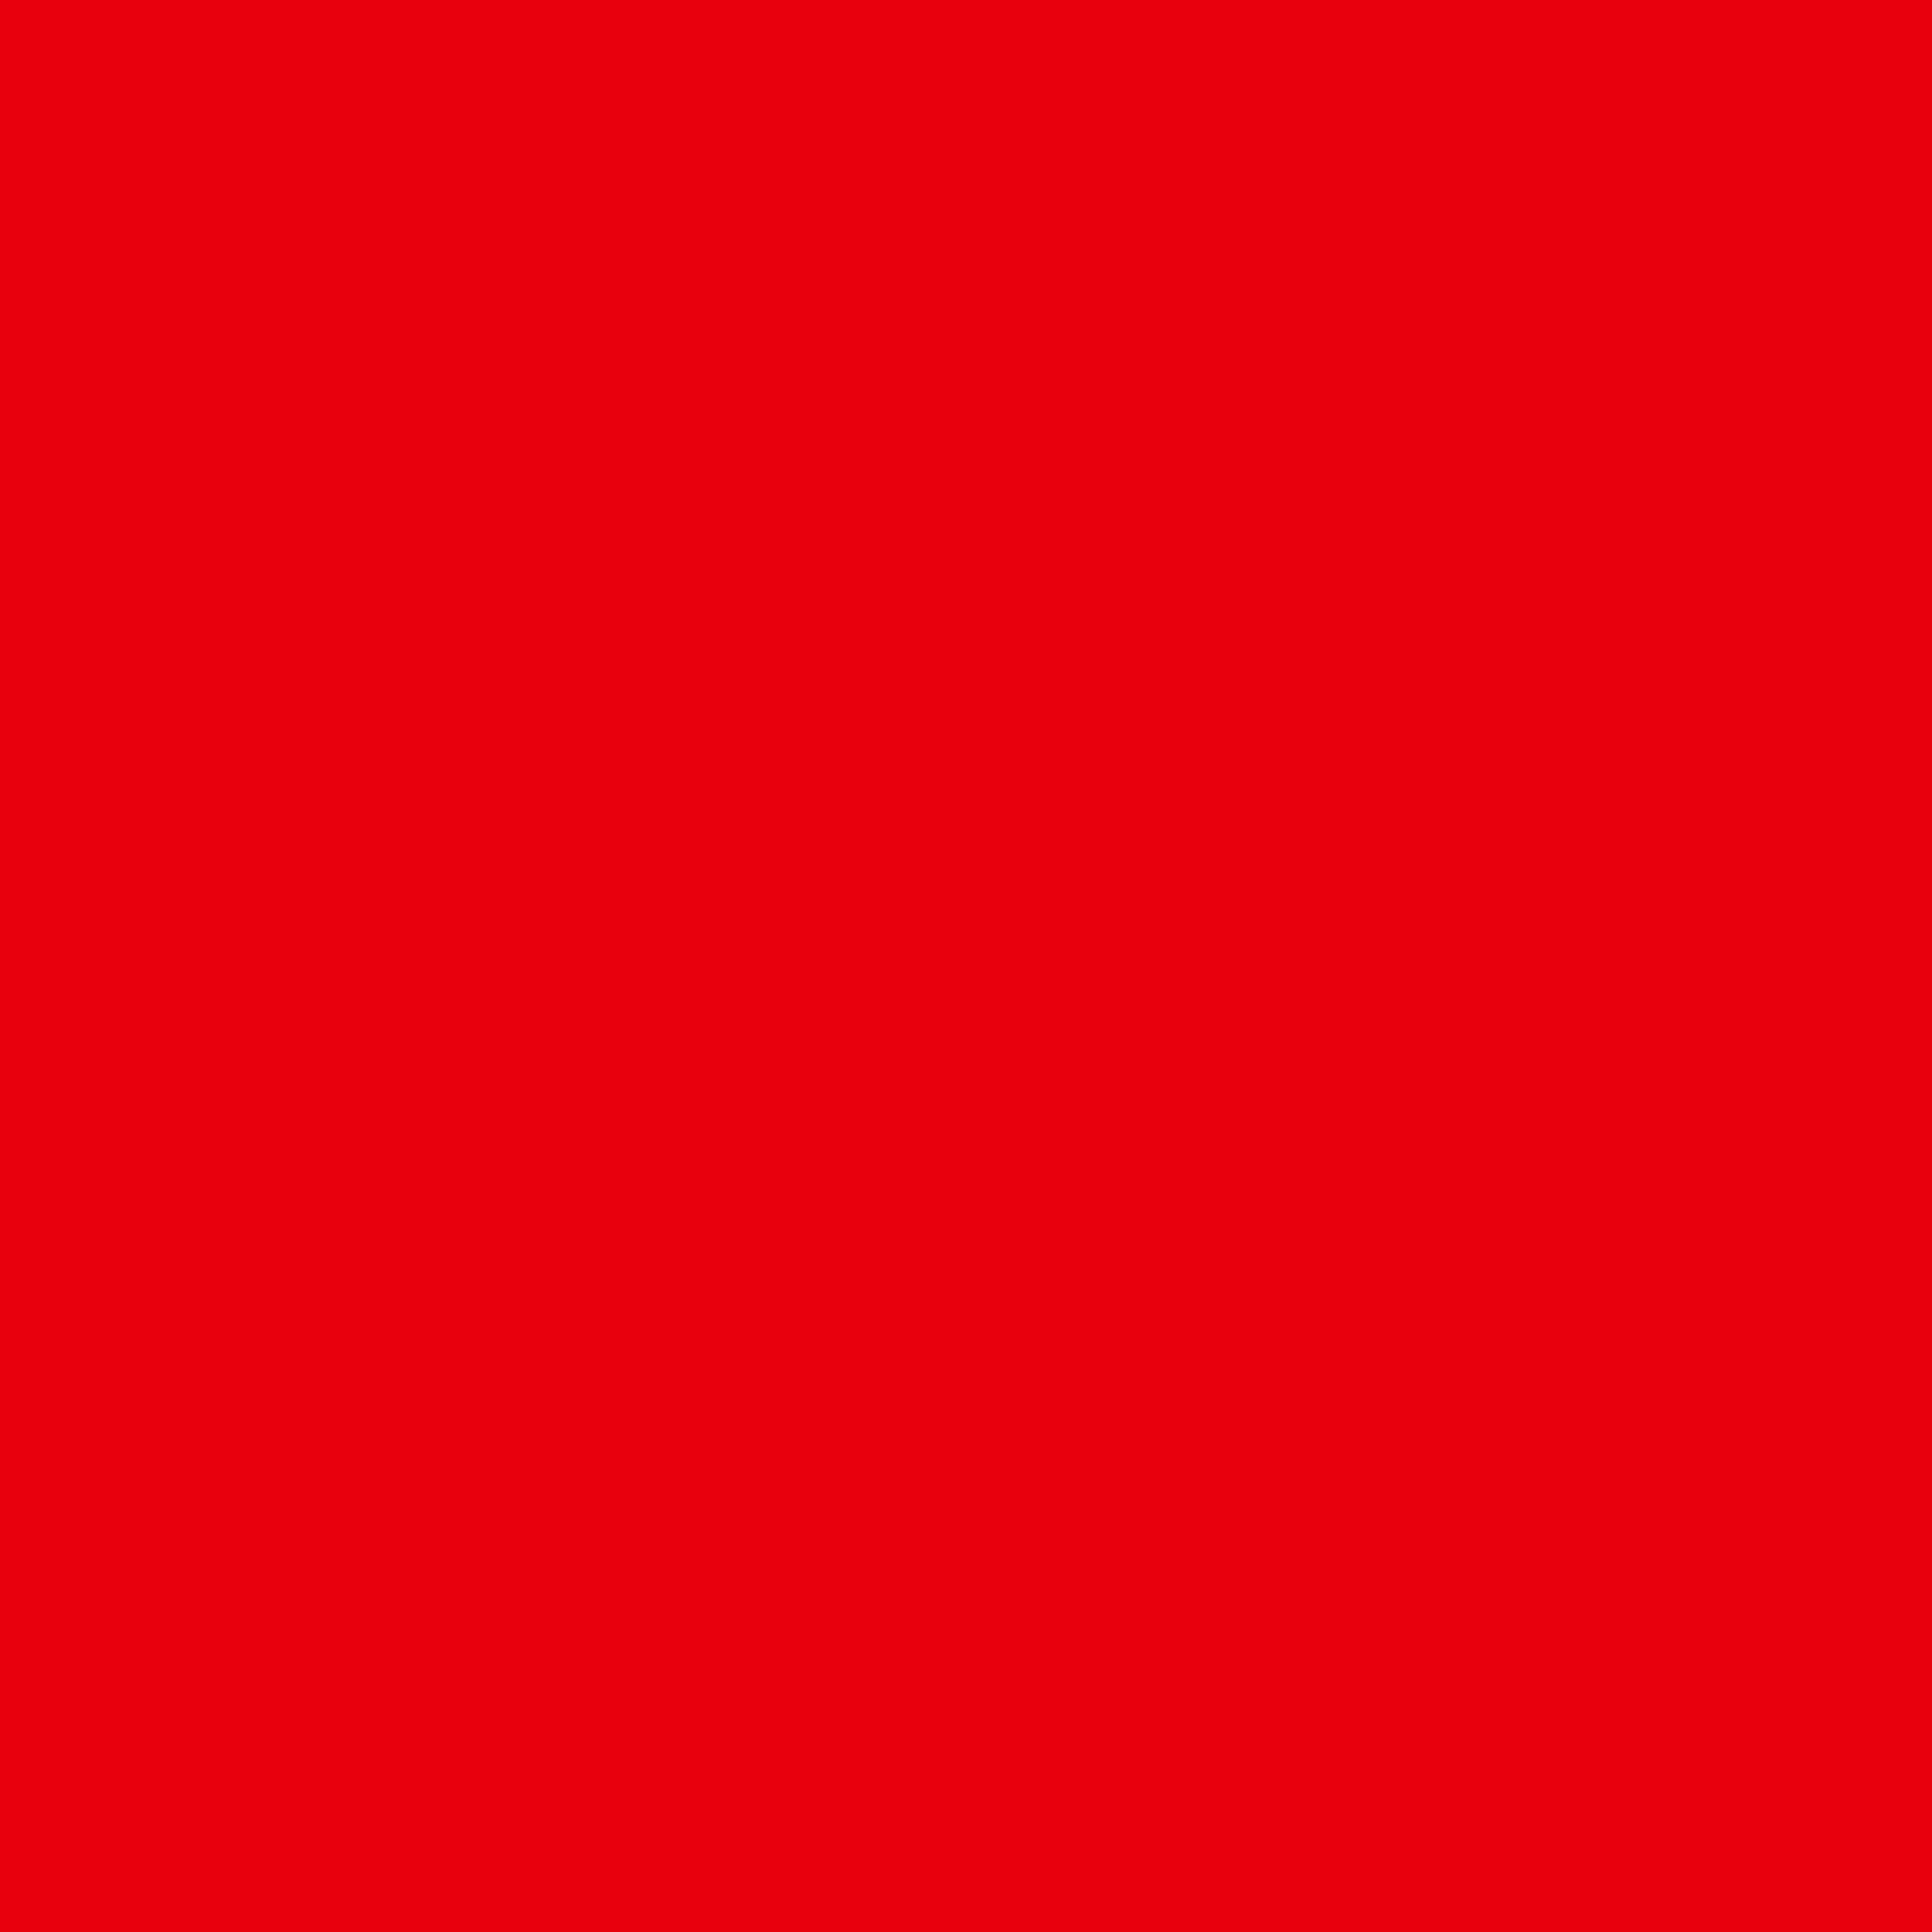 3600x3600 KU Crimson Solid Color Background